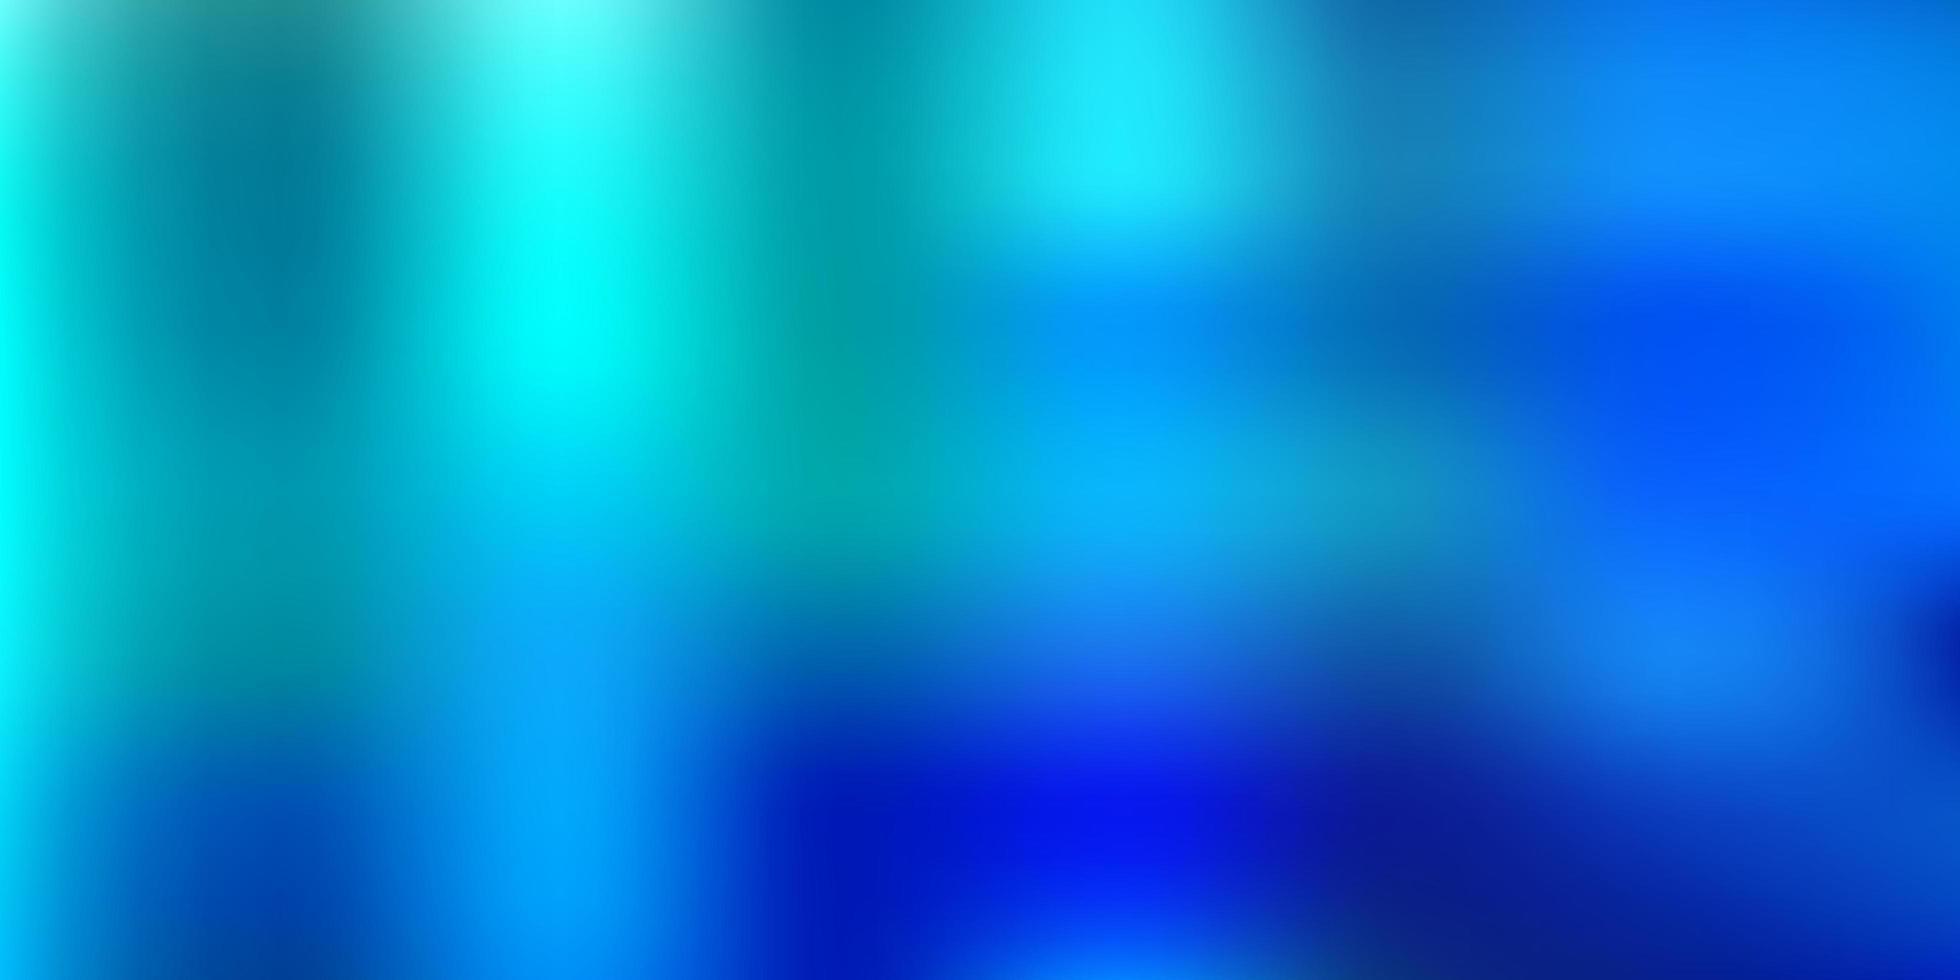 abstrato azul claro desfocar o pano de fundo. vetor